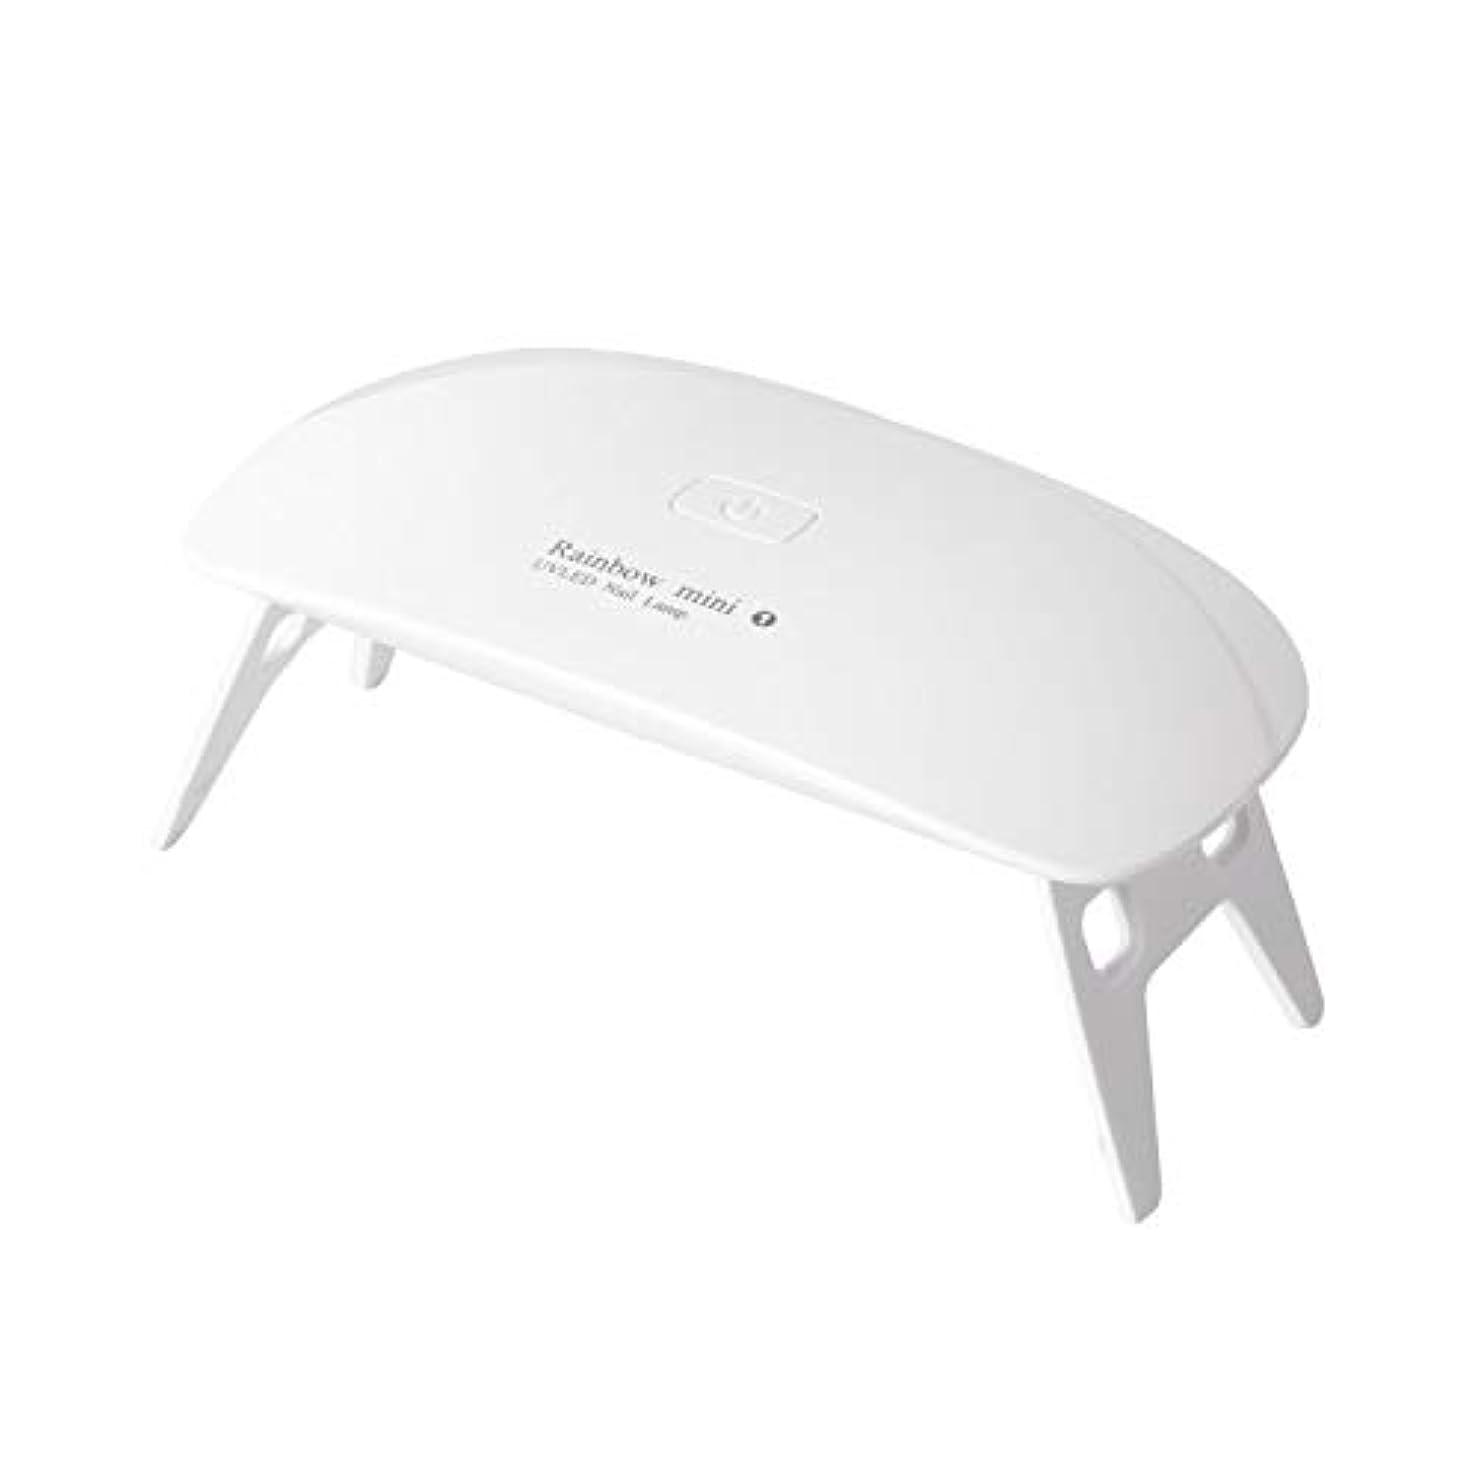 ビバ変わるエスニックLEDネイルドライヤー AmoVee UVライト 硬化用UVライト タイマー設定可能 折りたたみ式 ジェルネイル用 ホワイト